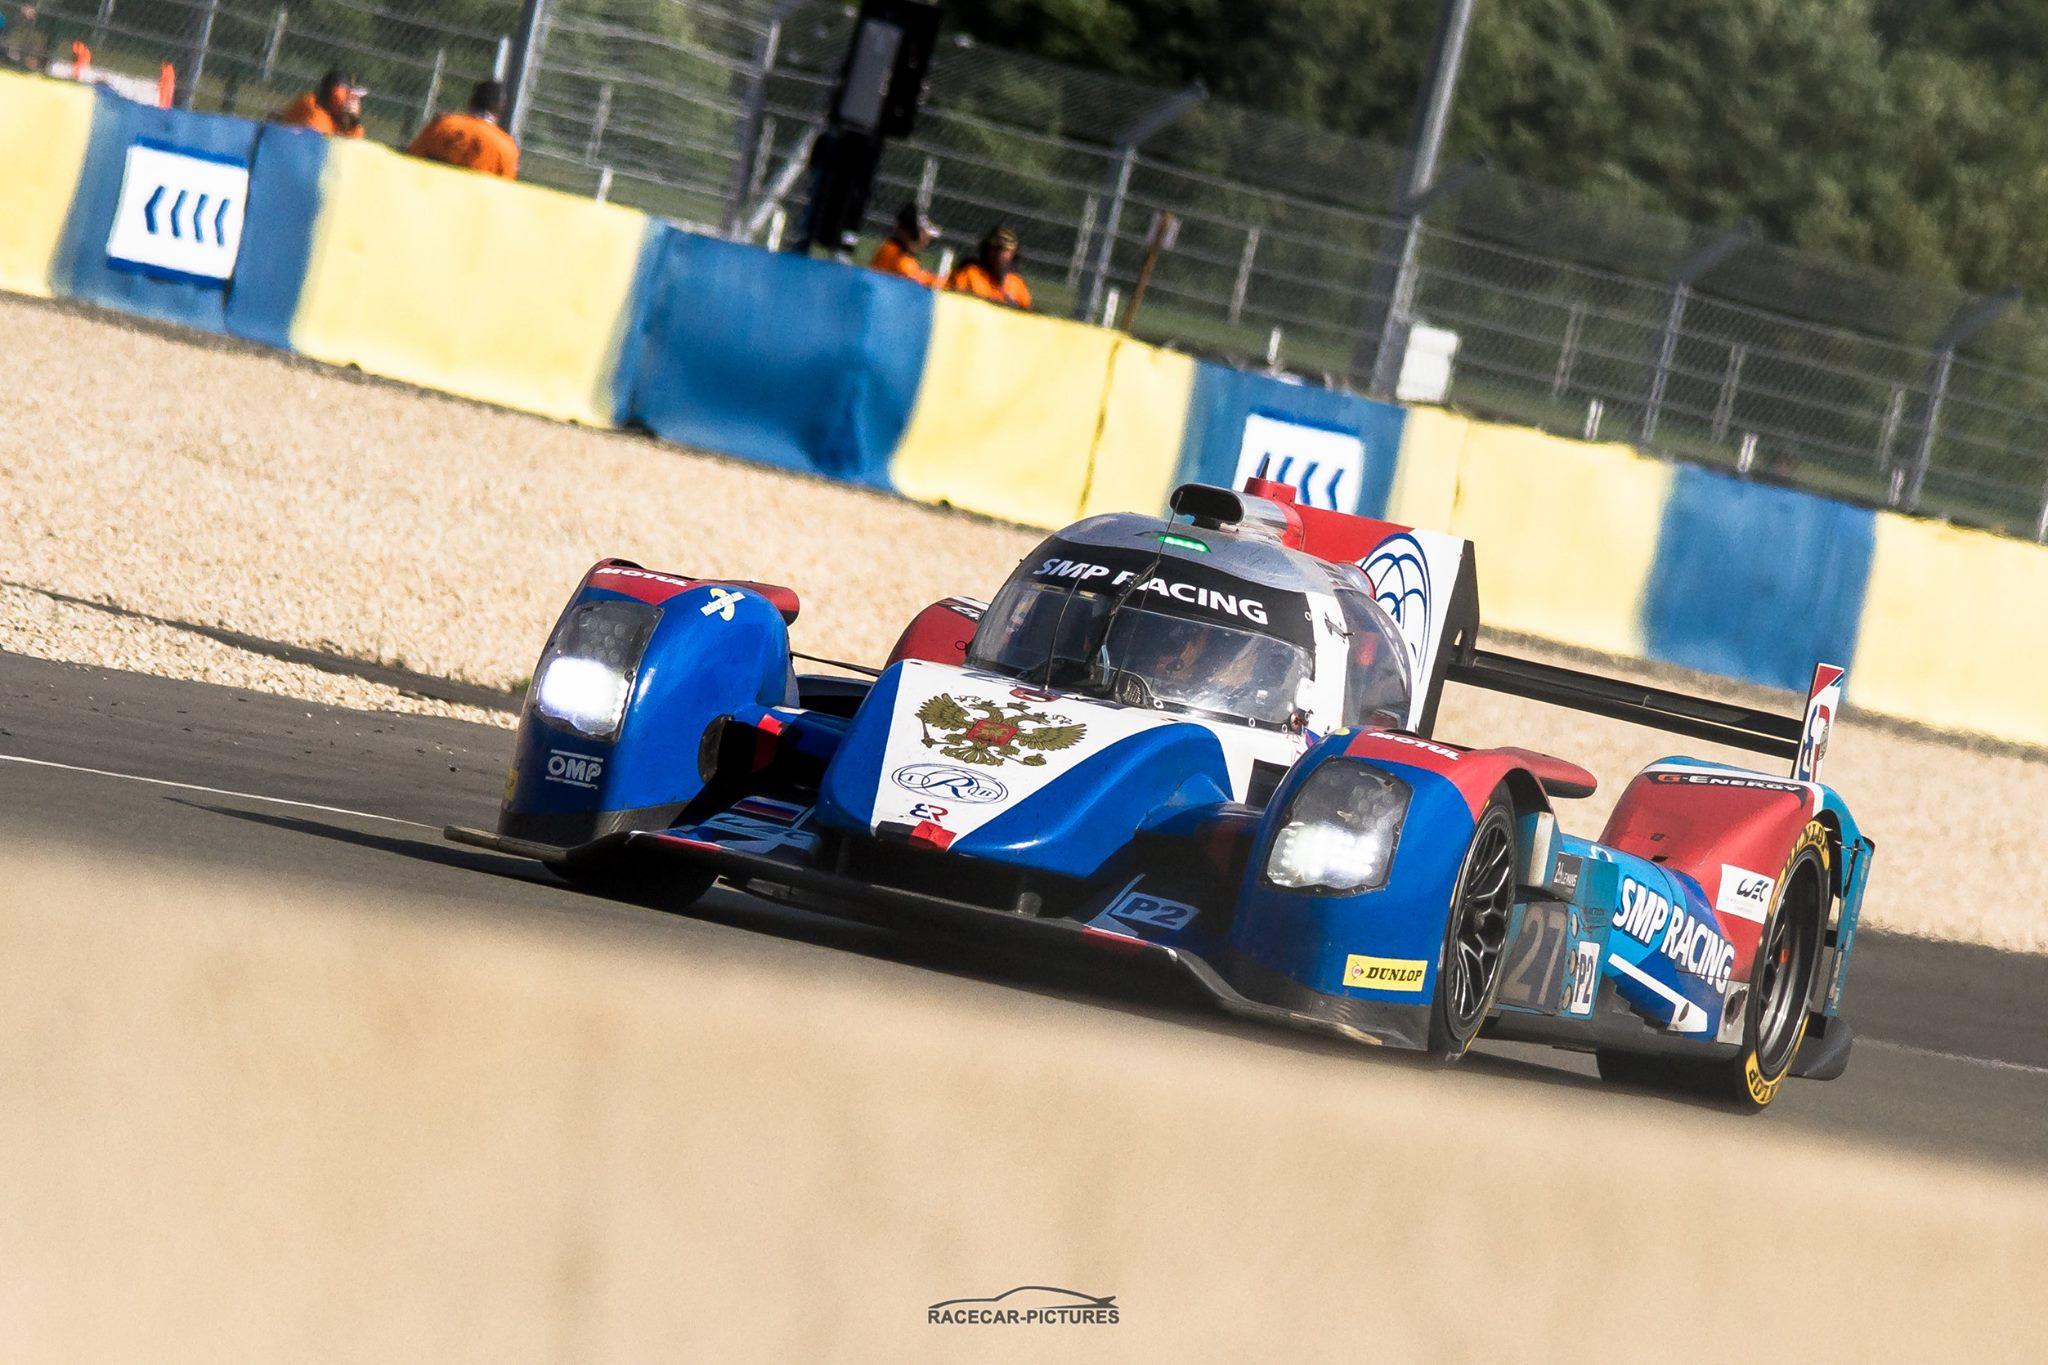 Намотор-шоу вМонако русская компания представила спортивный прототип BR1